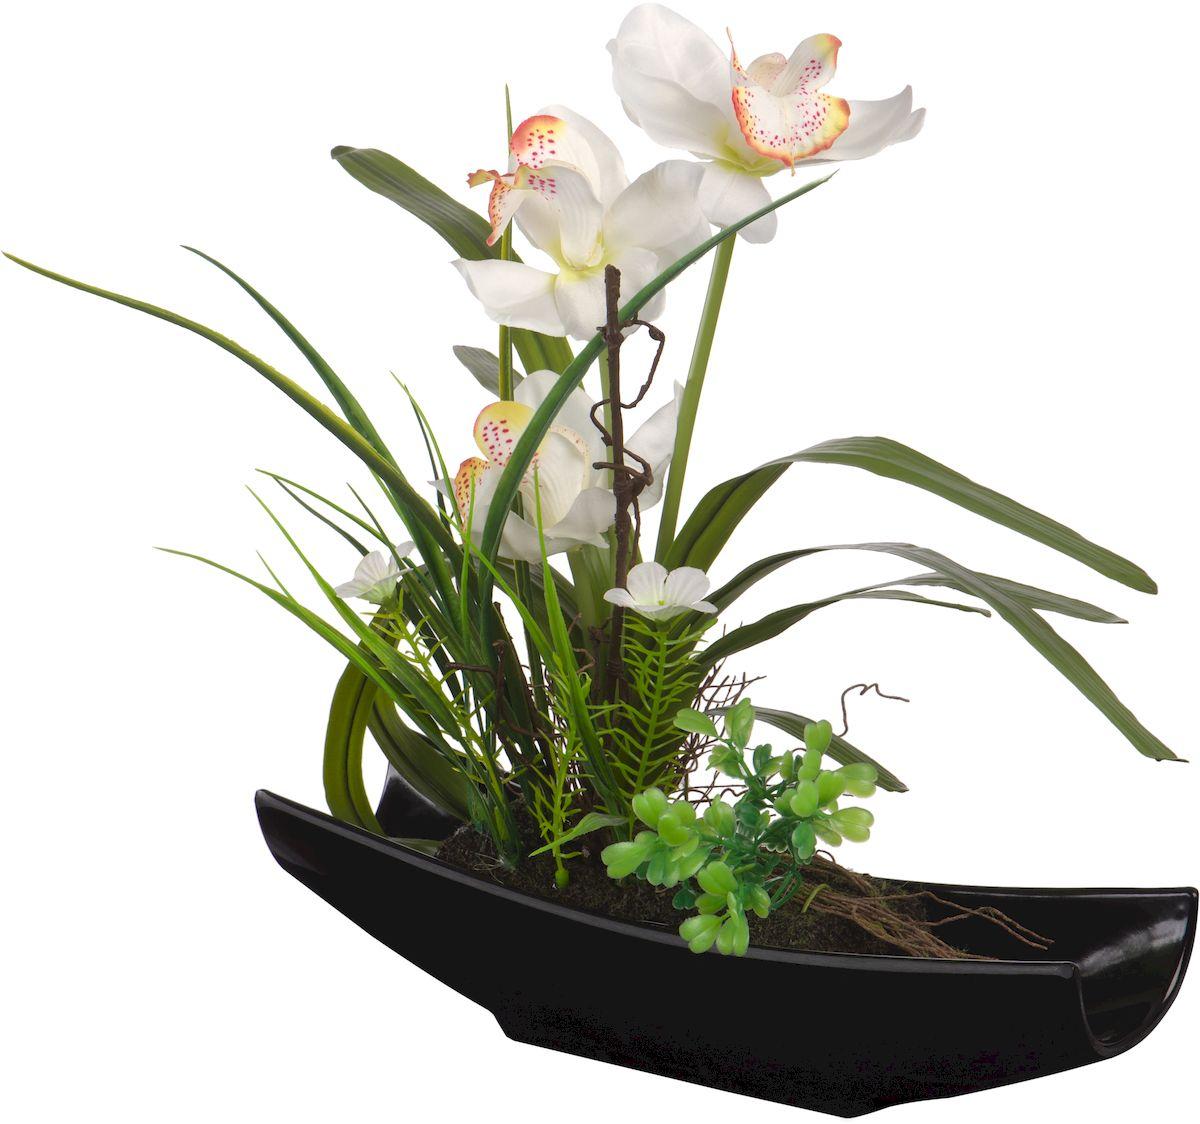 Цветы декоративные Engard Орхидея, в ладье, цвет: черный, 28 х 7 х 33,5 смYW-31Цветочные композиции Engard - это уникальное дизайнерское решение для создания природного колорита и гармонии в пространстве. Белые орхидеи в черной ладье выполнены из высококачественного материала, передающего неповторимую естественность и является достойной альтернативой живым цветам. Не требует постоянного ухода. Высота: 30 см.